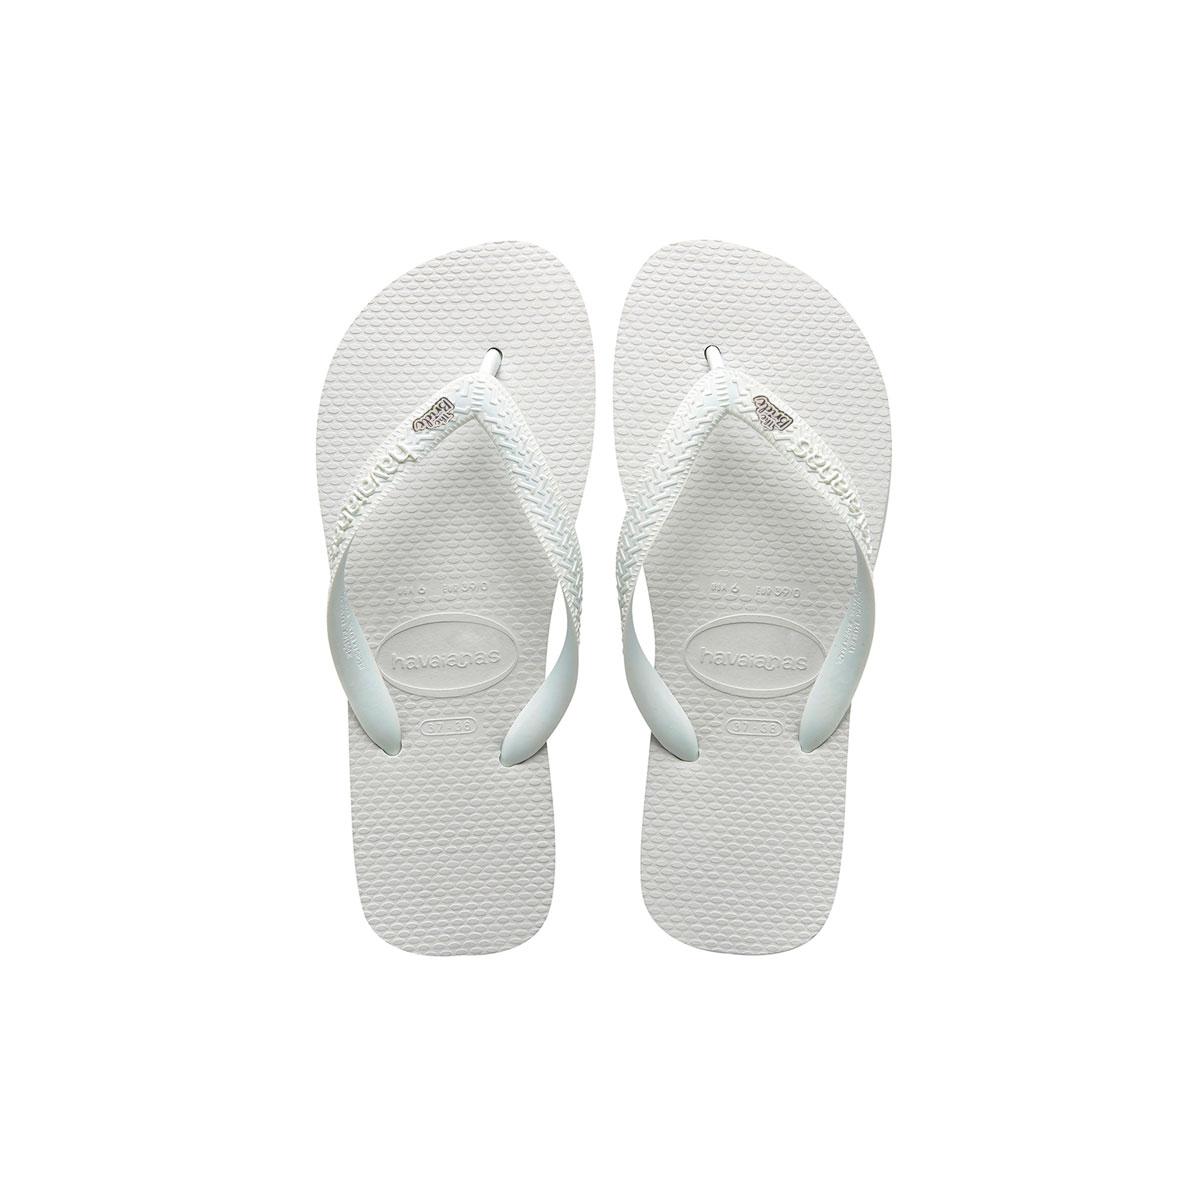 White Glitter 'The Bride' Havaianas Top White Wedding Flip Flops